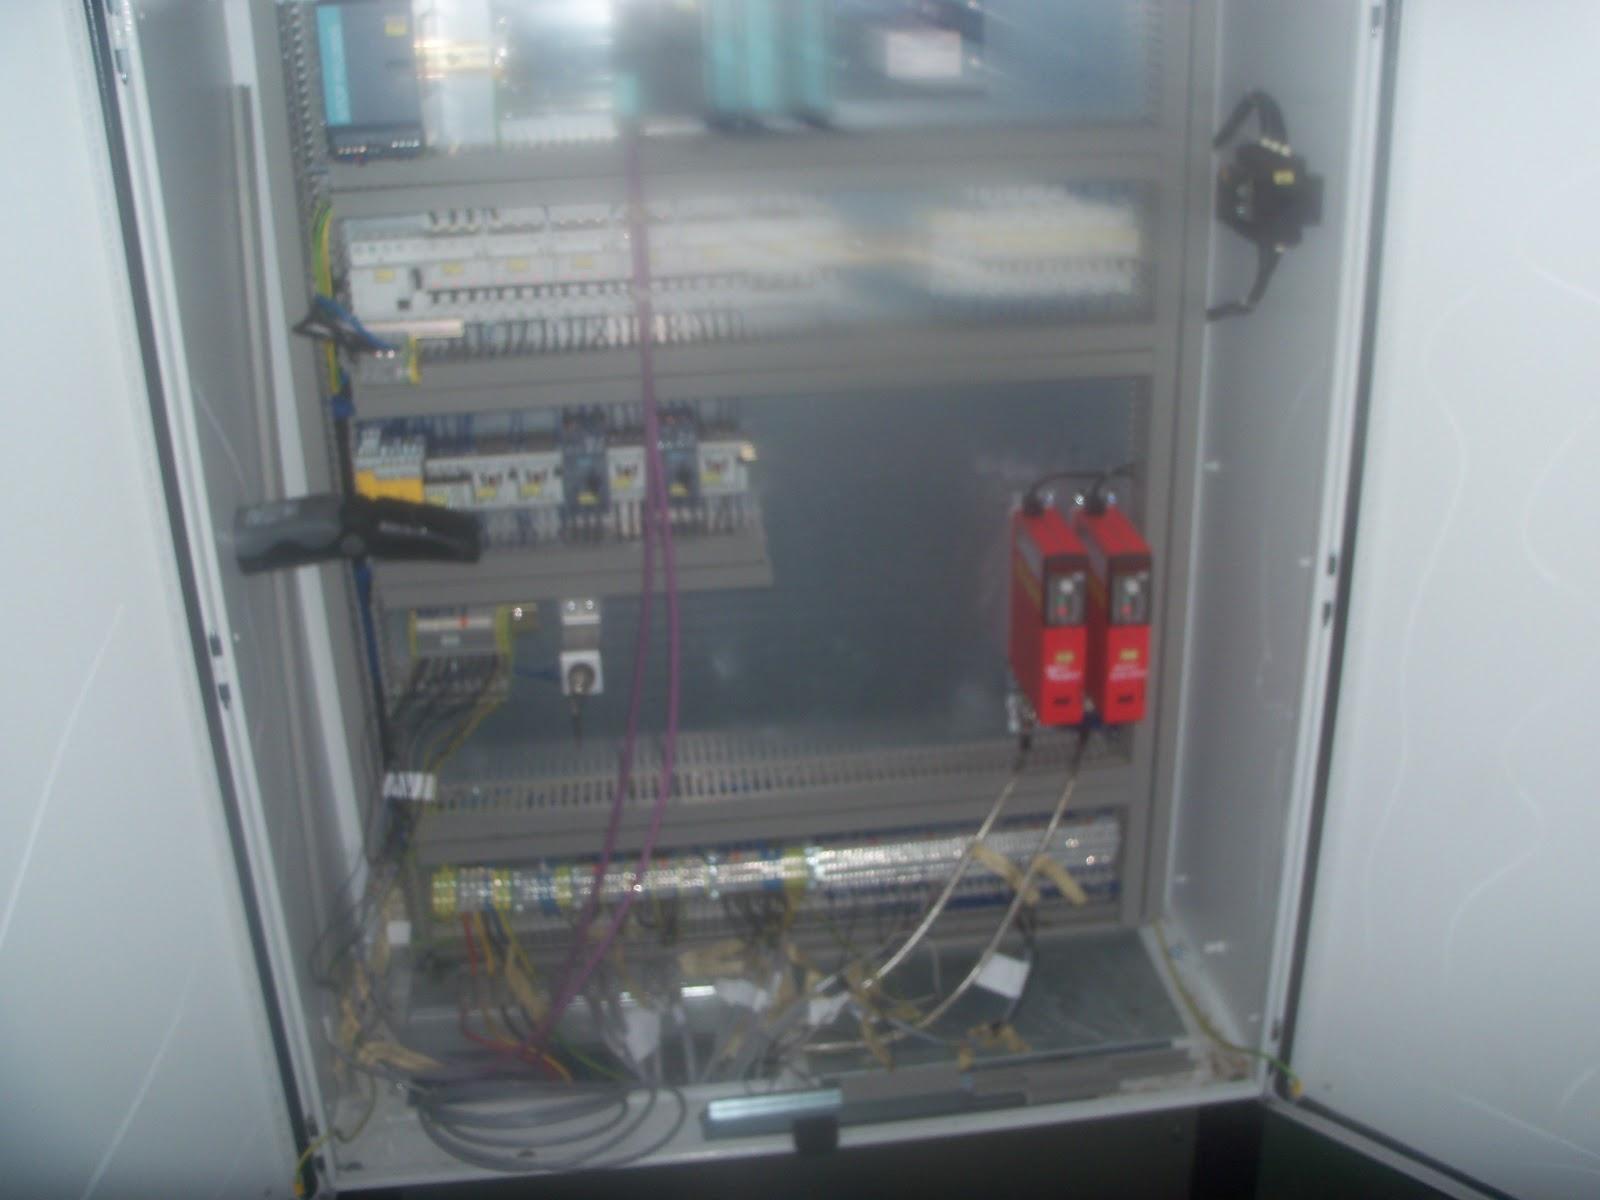 mitsubishi inverter wiring diagram jasa service mesin mesin industri plc      inverter     jasa service mesin mesin industri plc      inverter